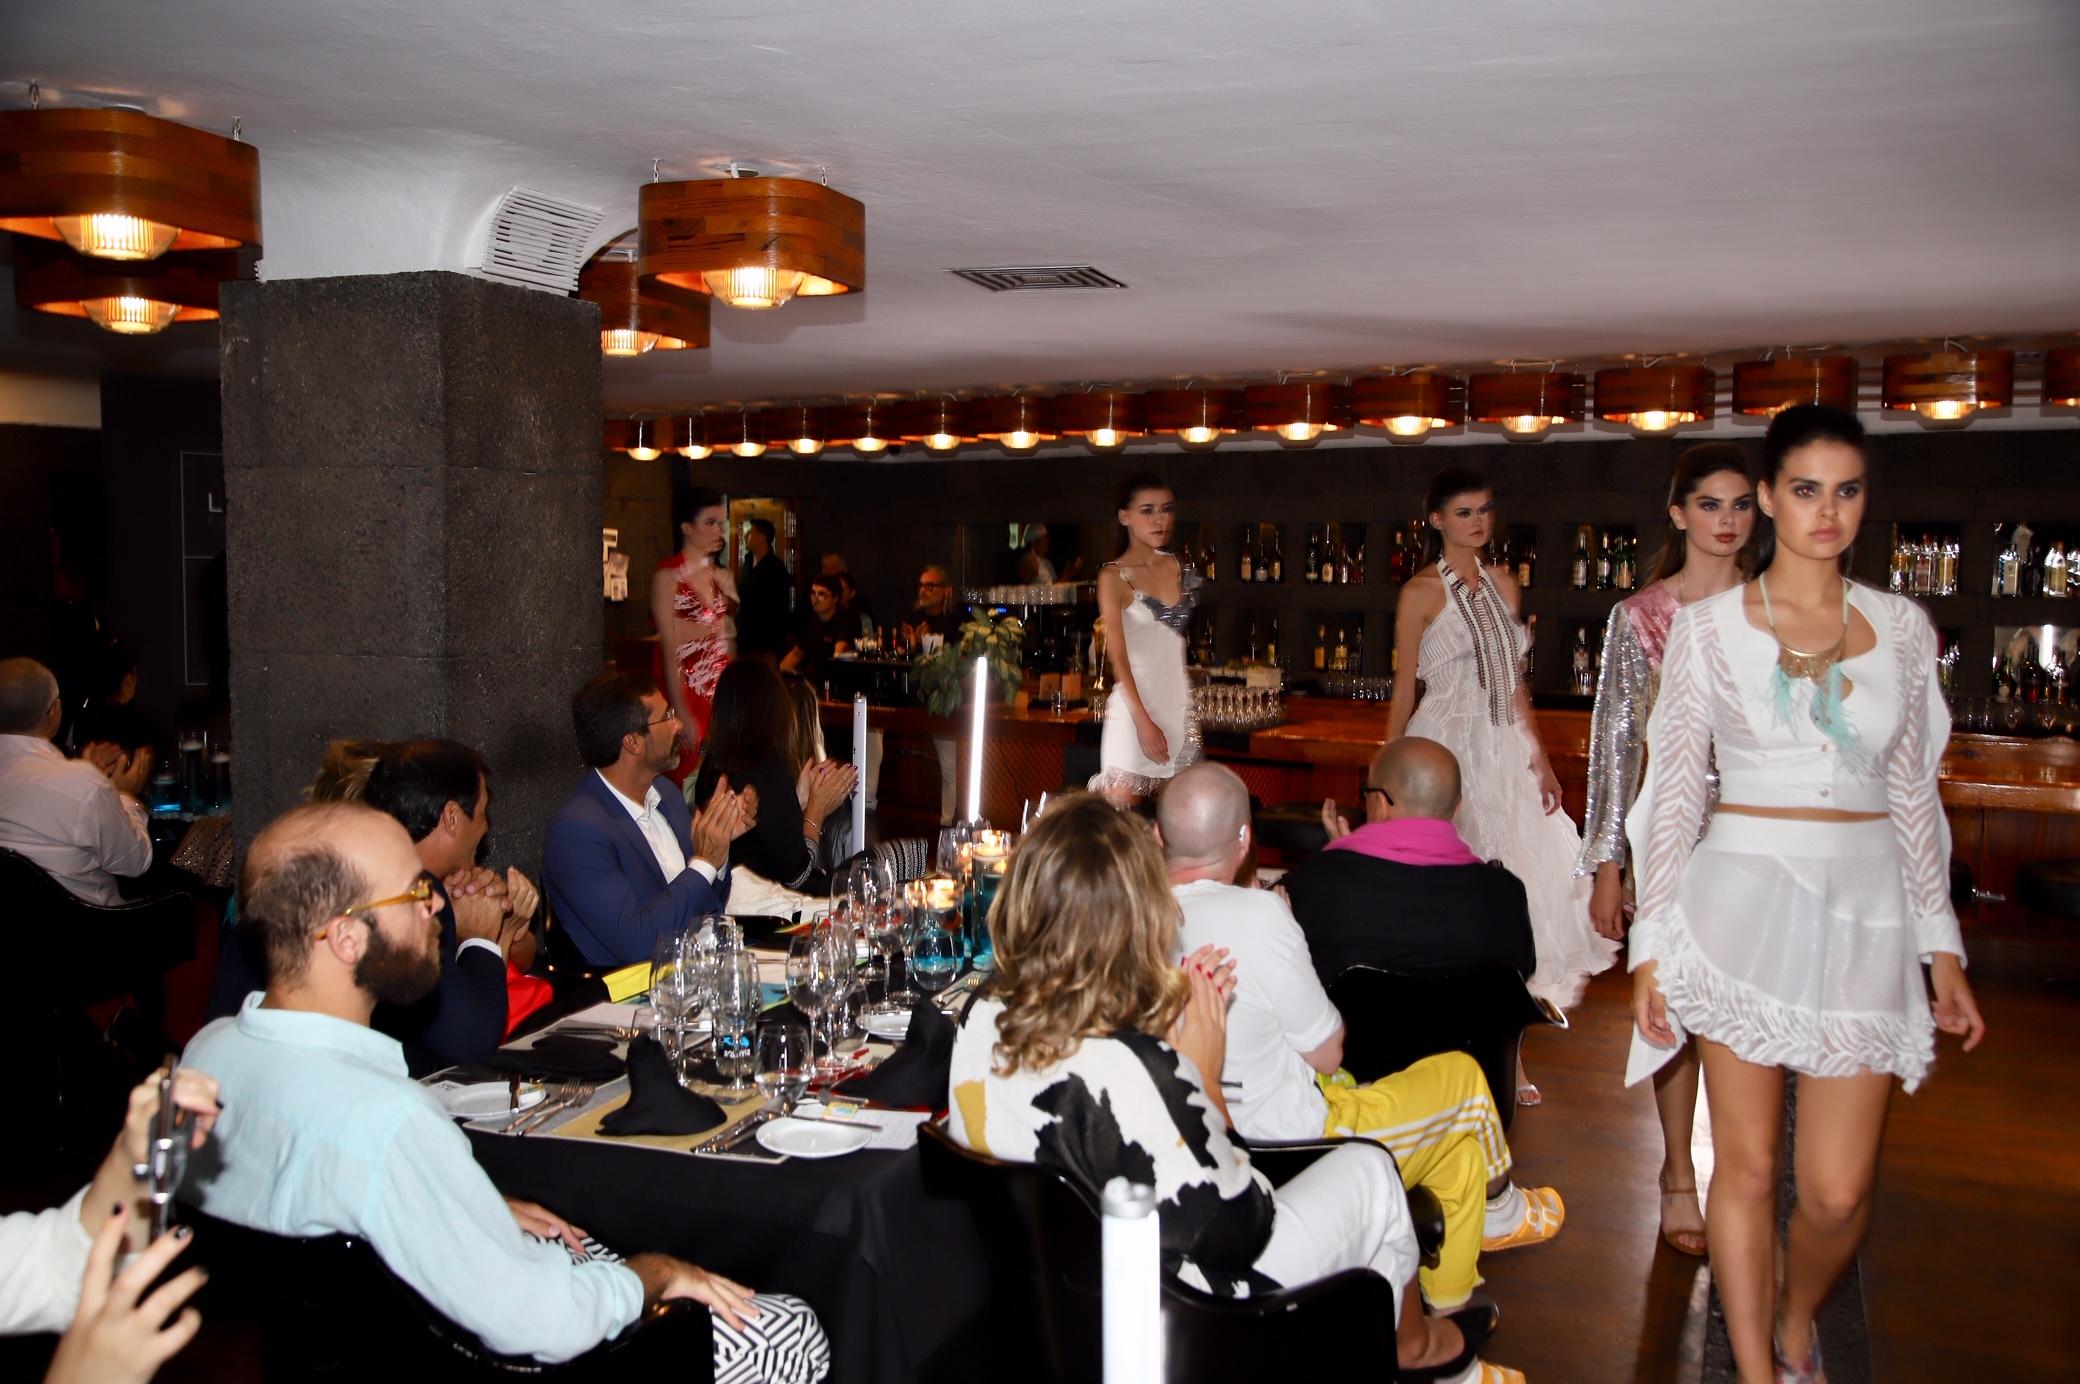 La moda lanzaroteña brilla en la primera jornada de 'Lanzarote Fashion Weekend'